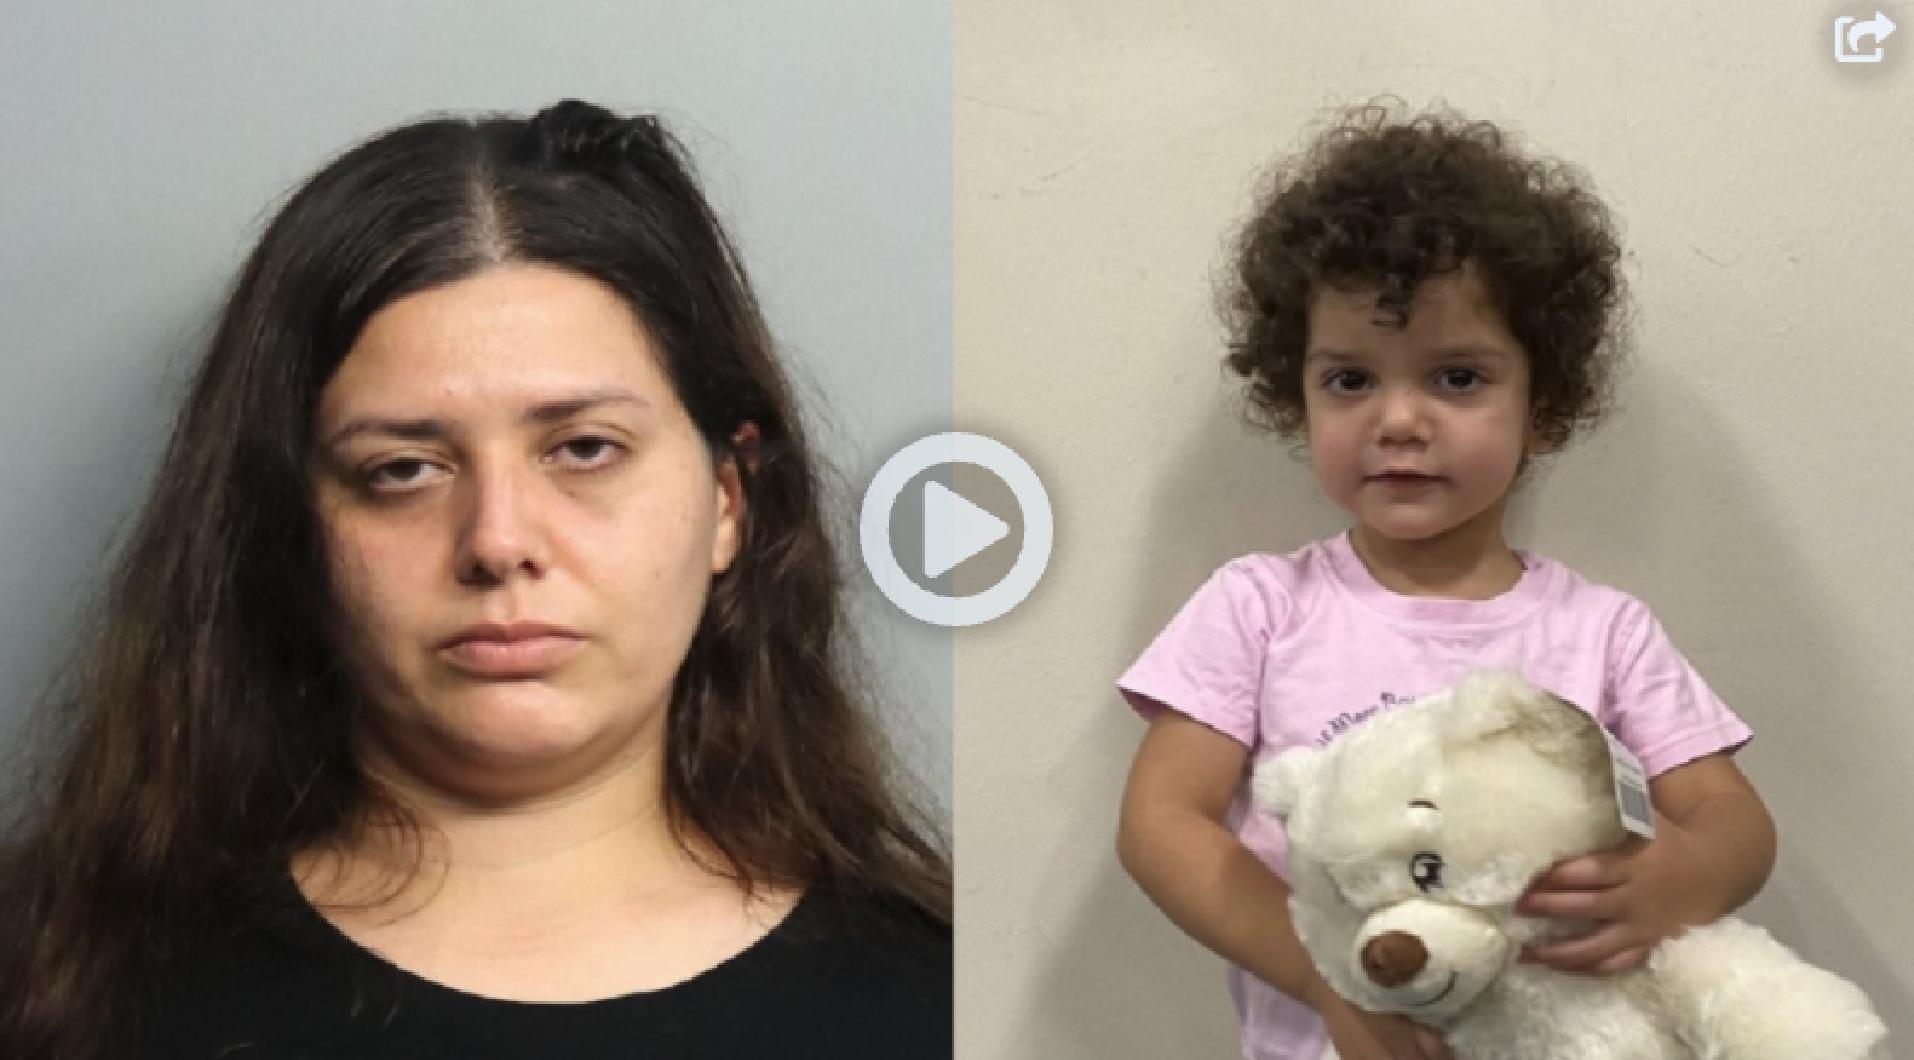 policia: arrestan a madre tras abandonar su nina en un hospital en miami